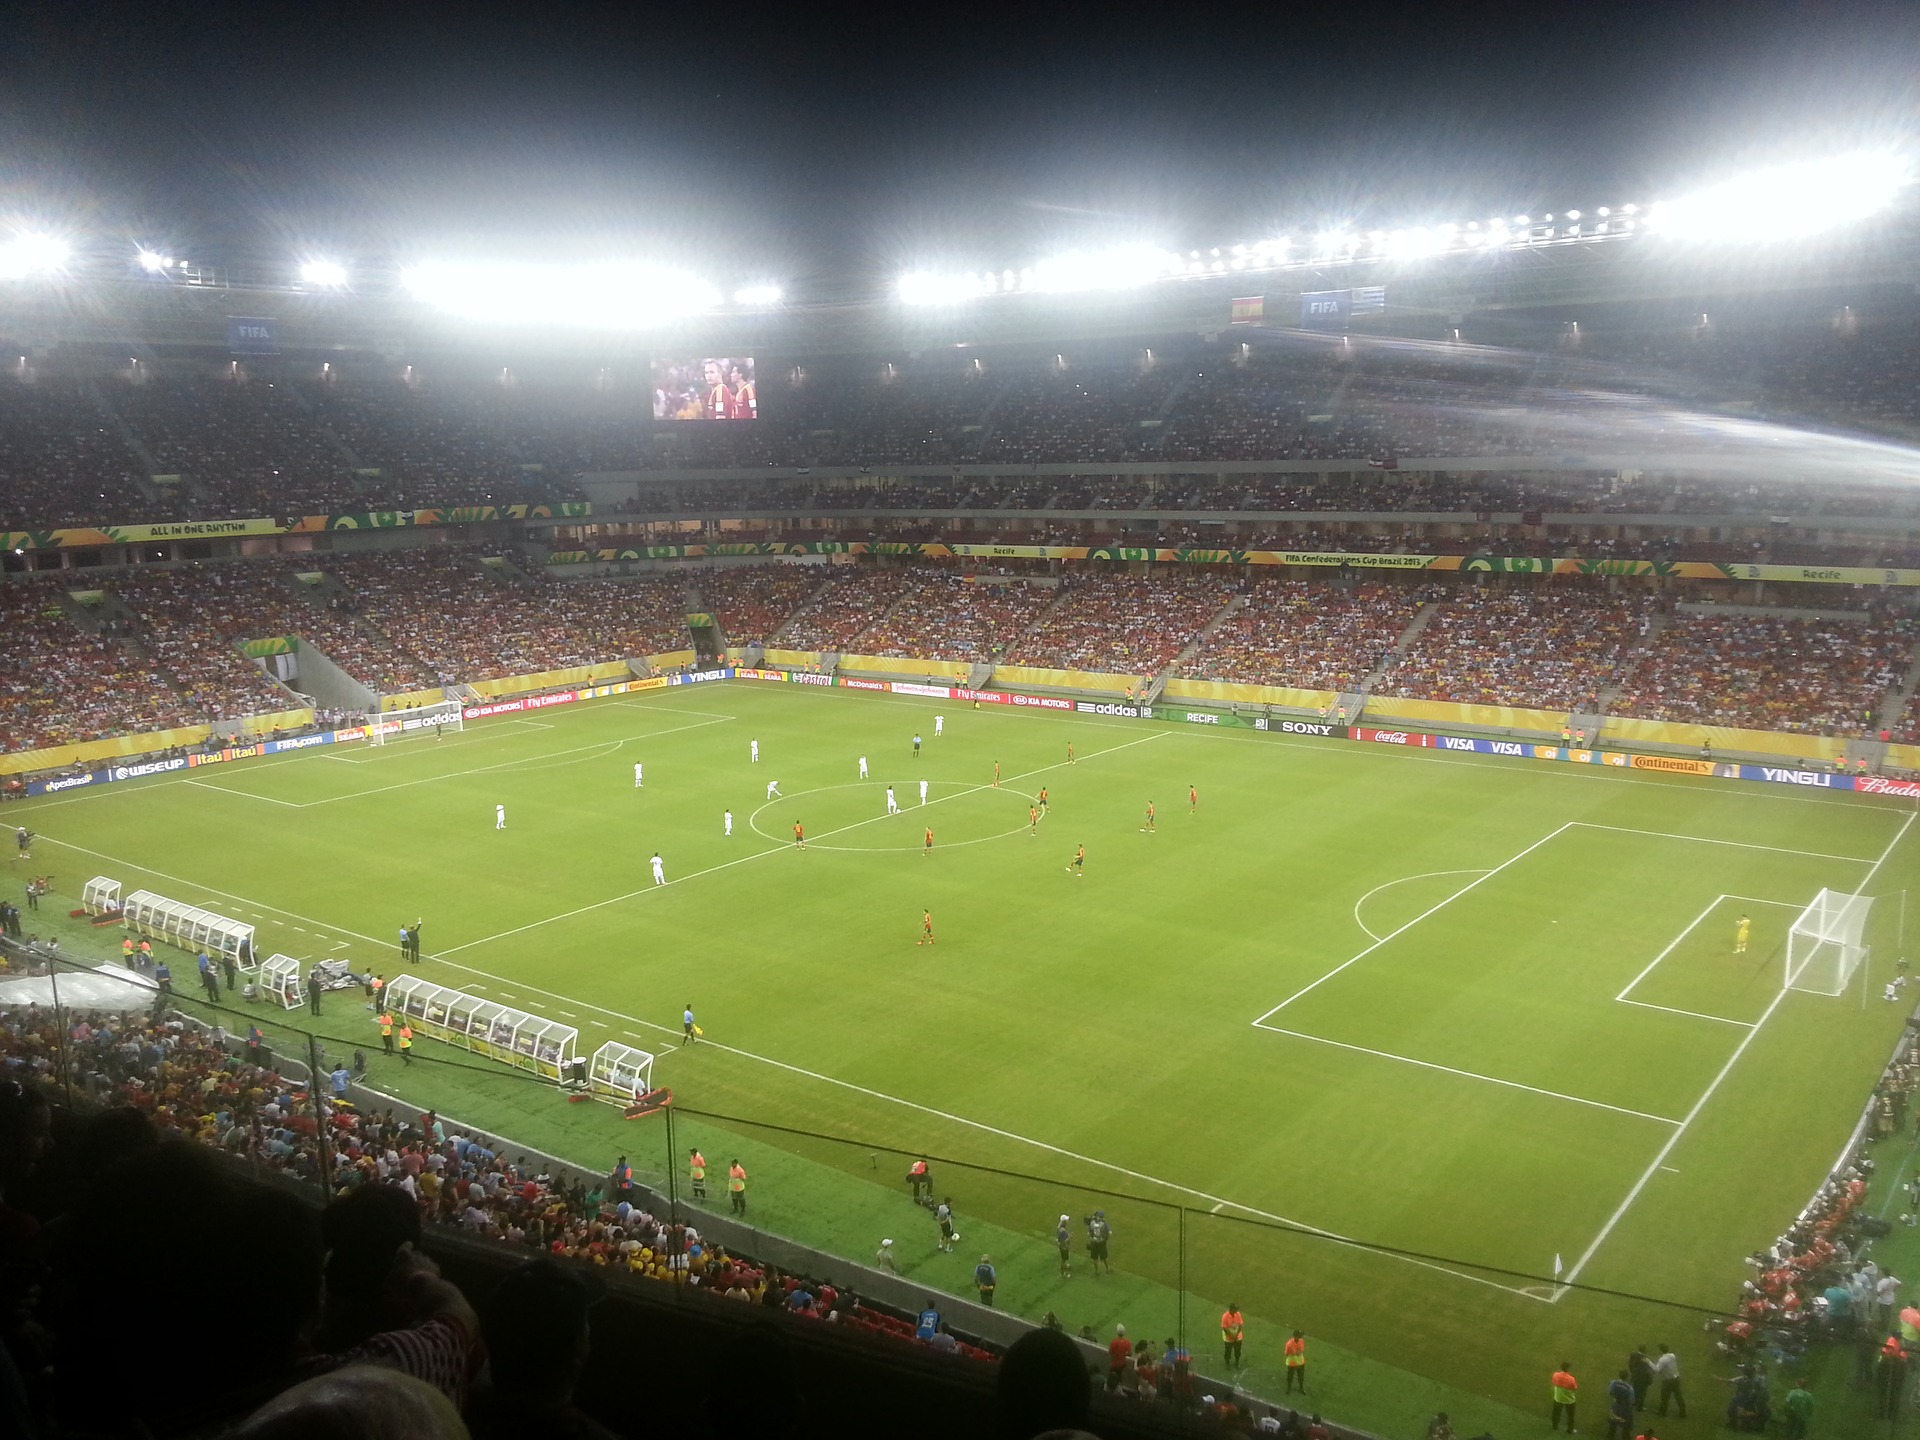 Karten für die Spanische Liga günstig kaufen